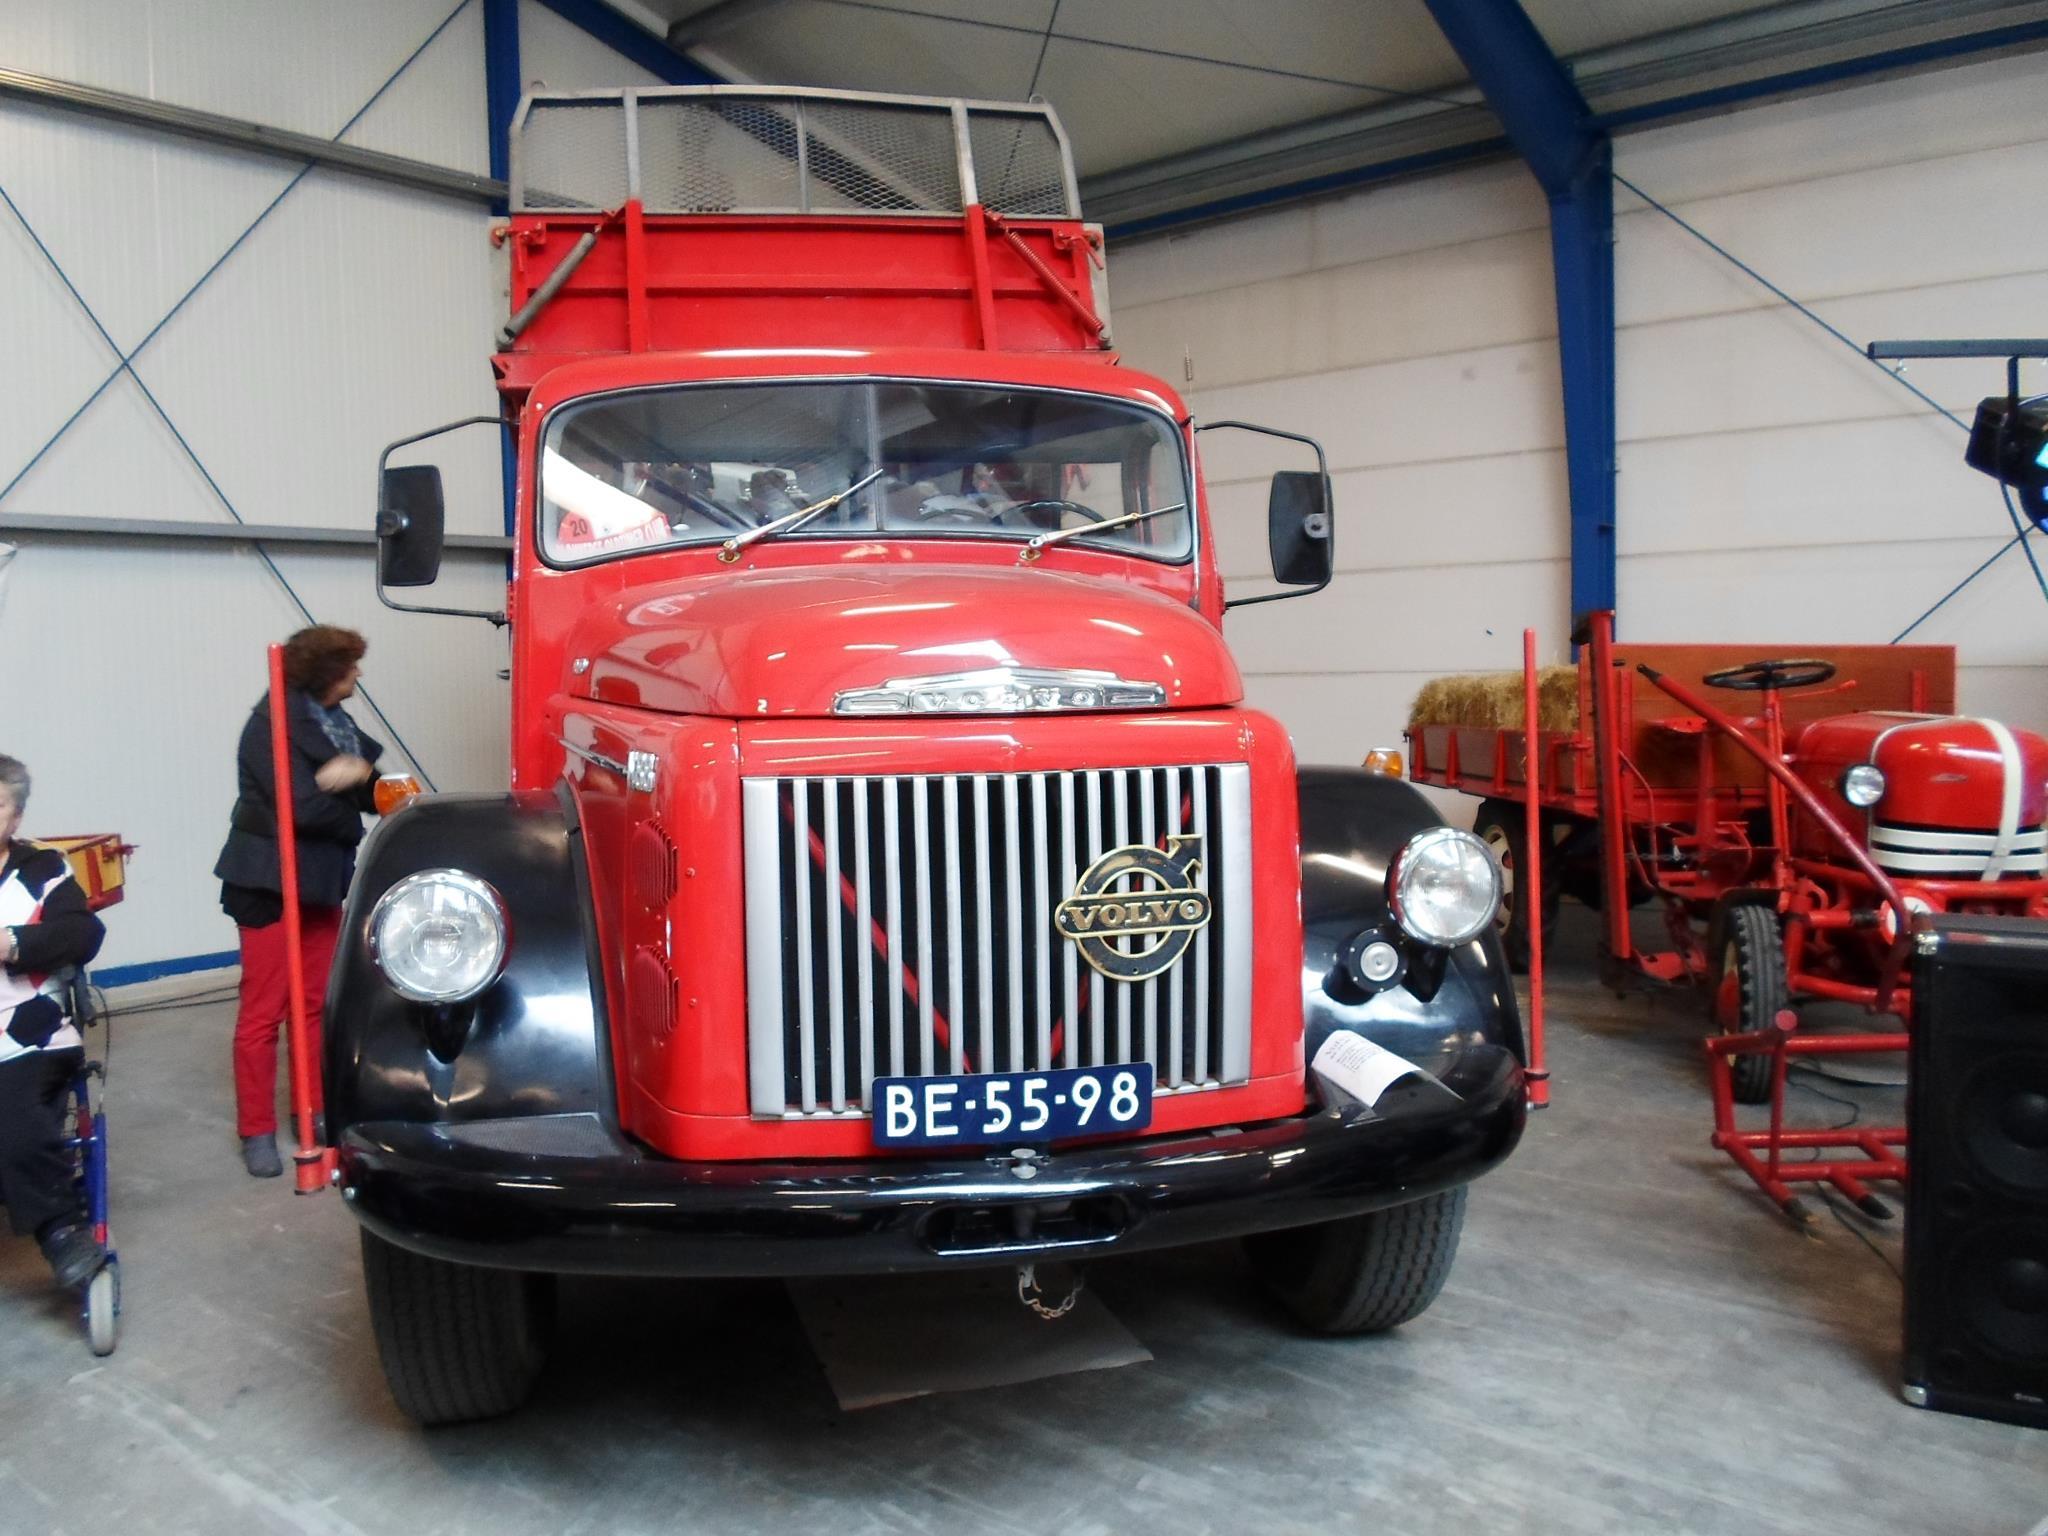 0-Jan-Piet-dit-type-was-de-eerste-vrachtwagen-waar-ik-op-gereden-heb